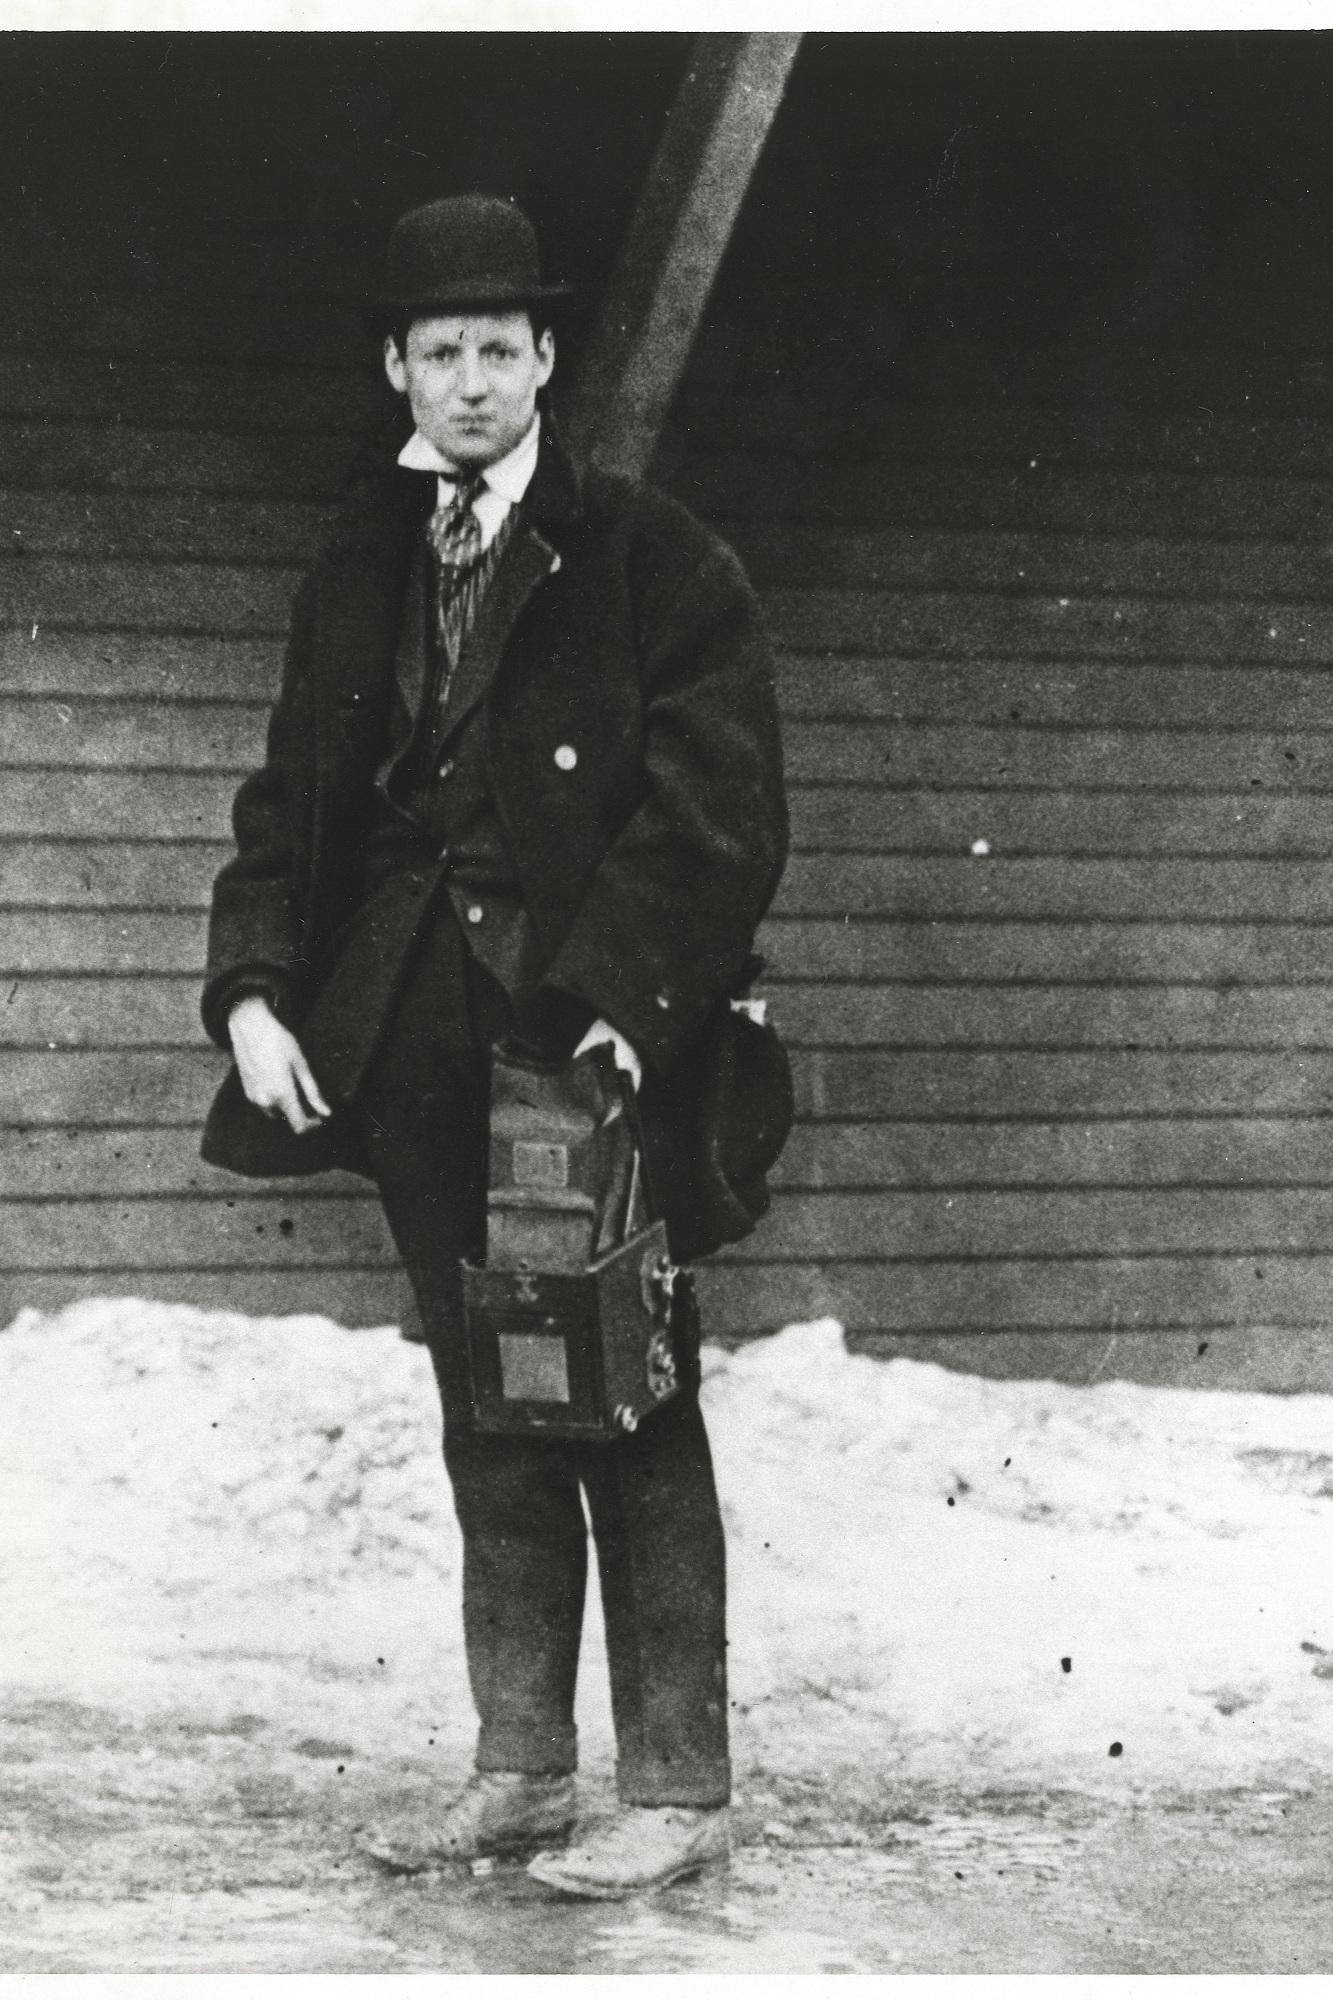 Sherman Fairchild